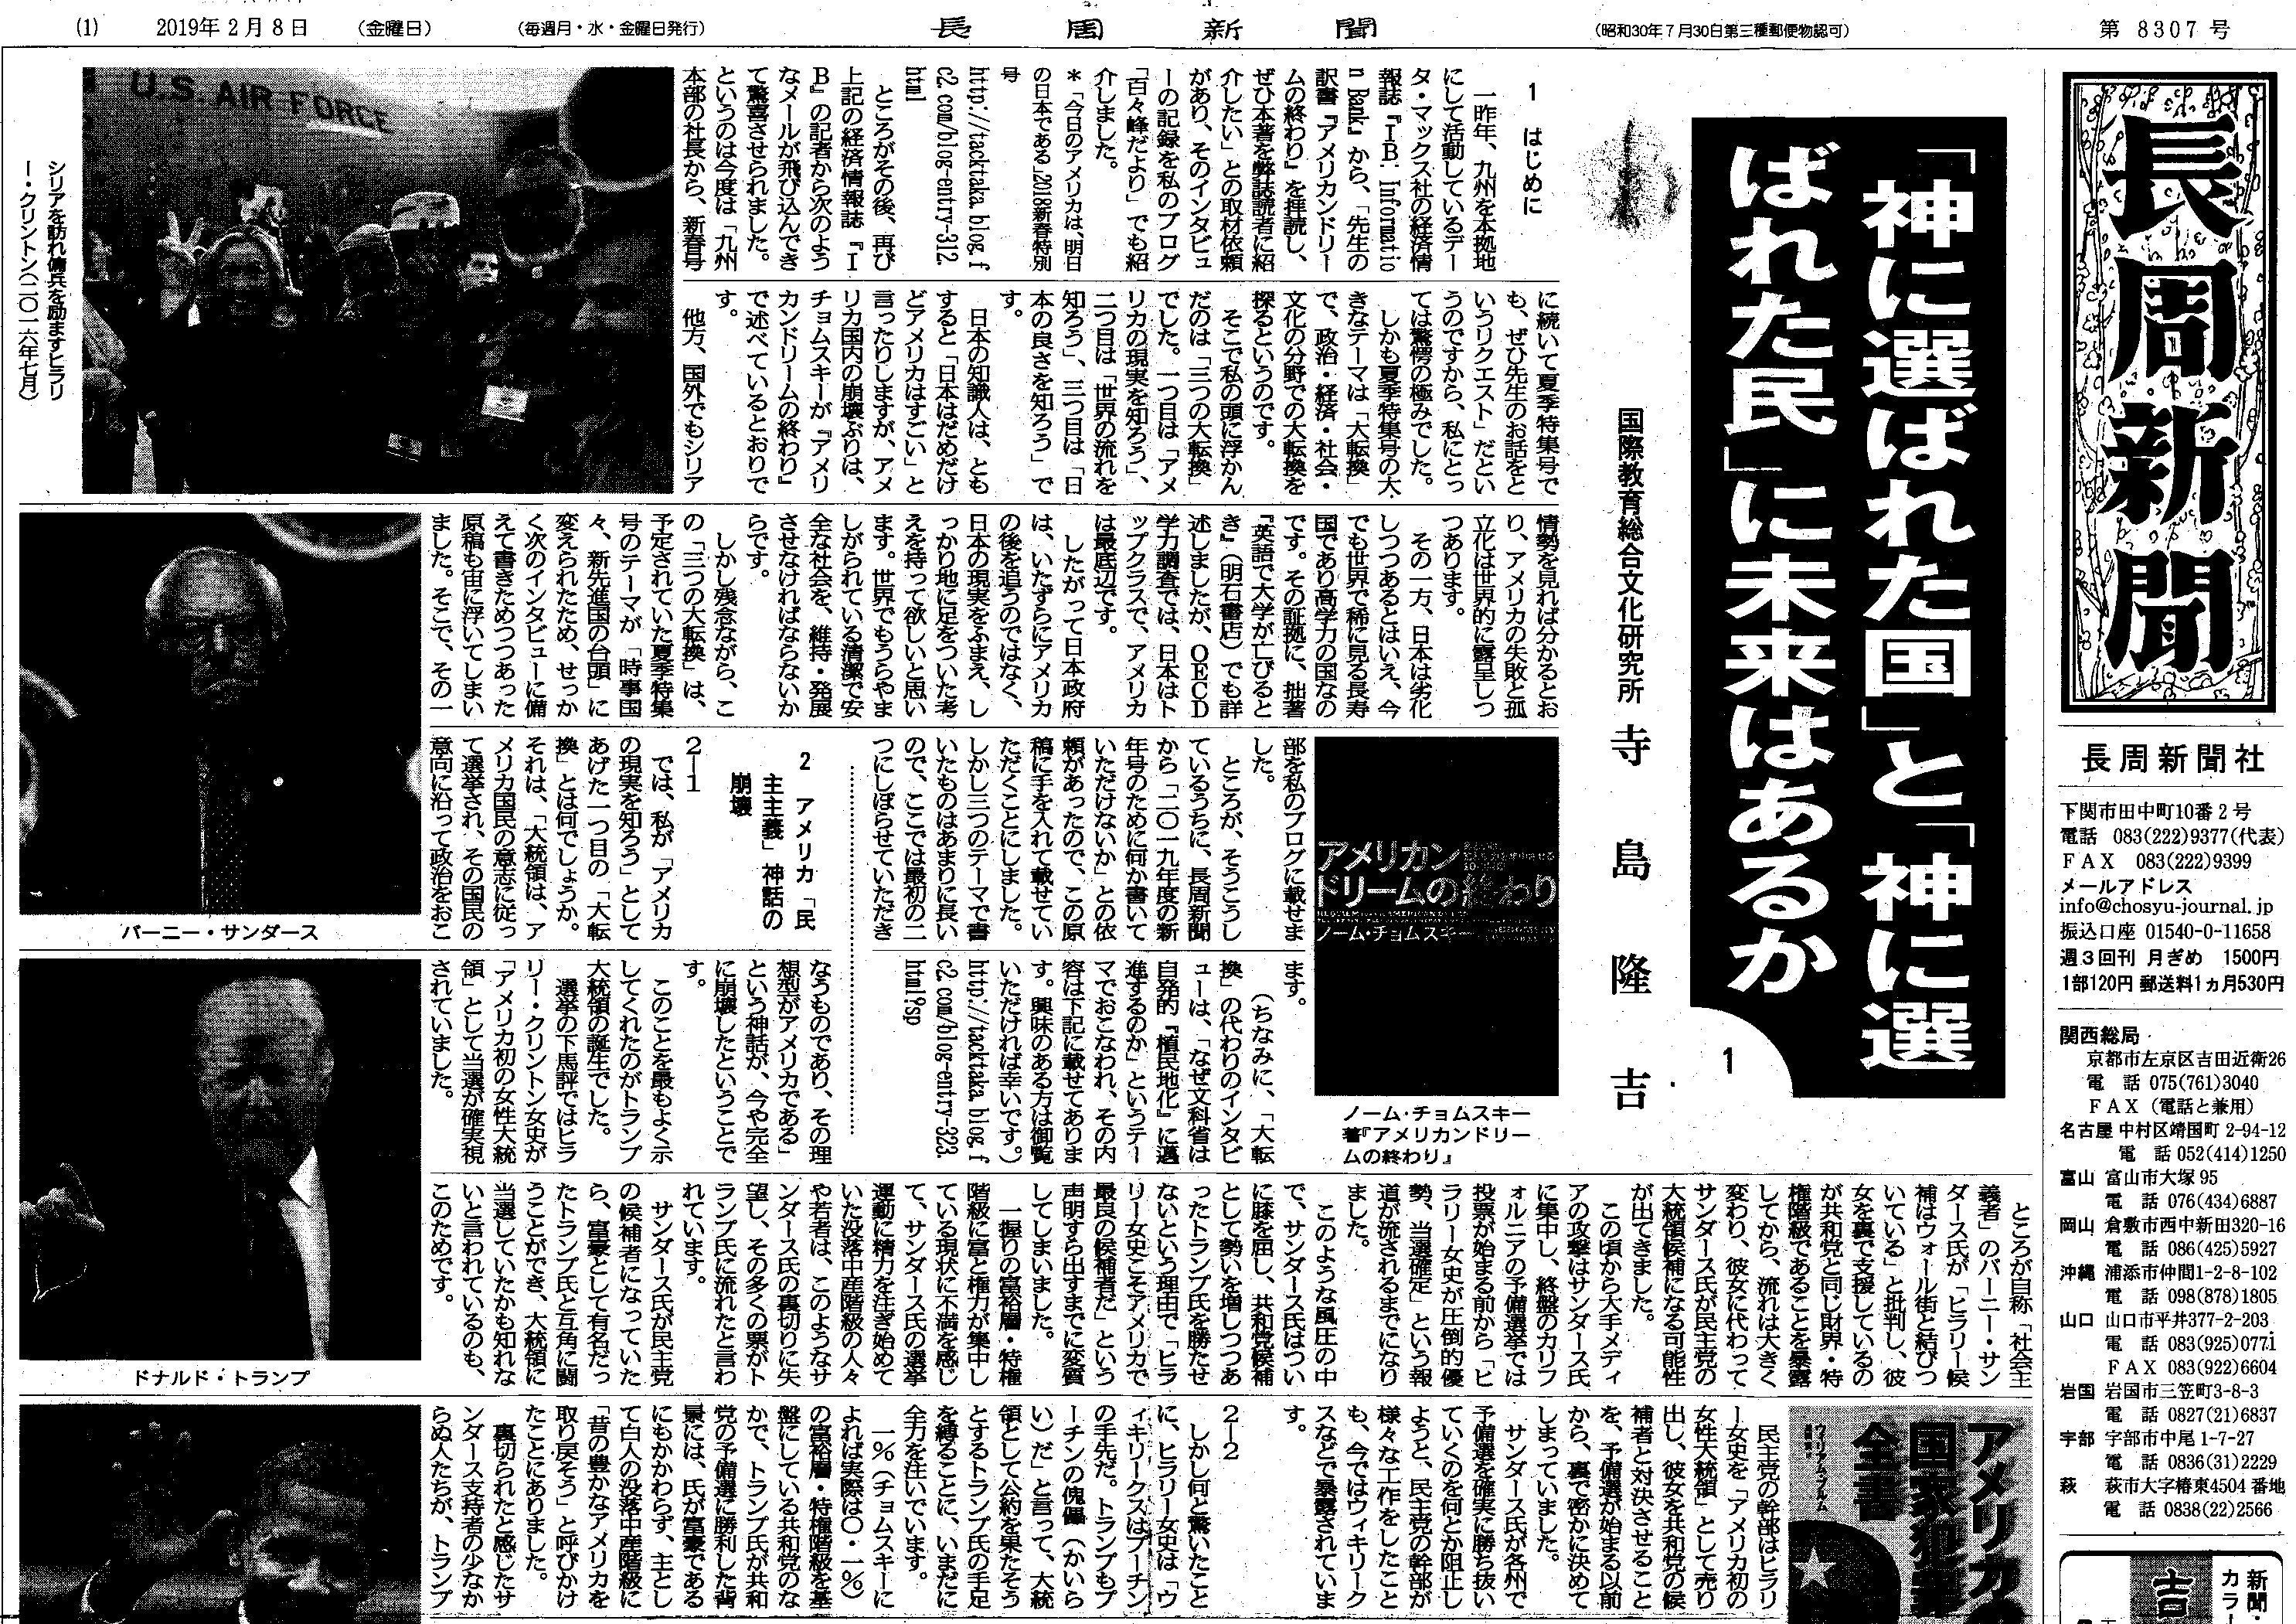 長州新聞20190208神に選ばれた国と神に選ばれた民に未来はあるか202